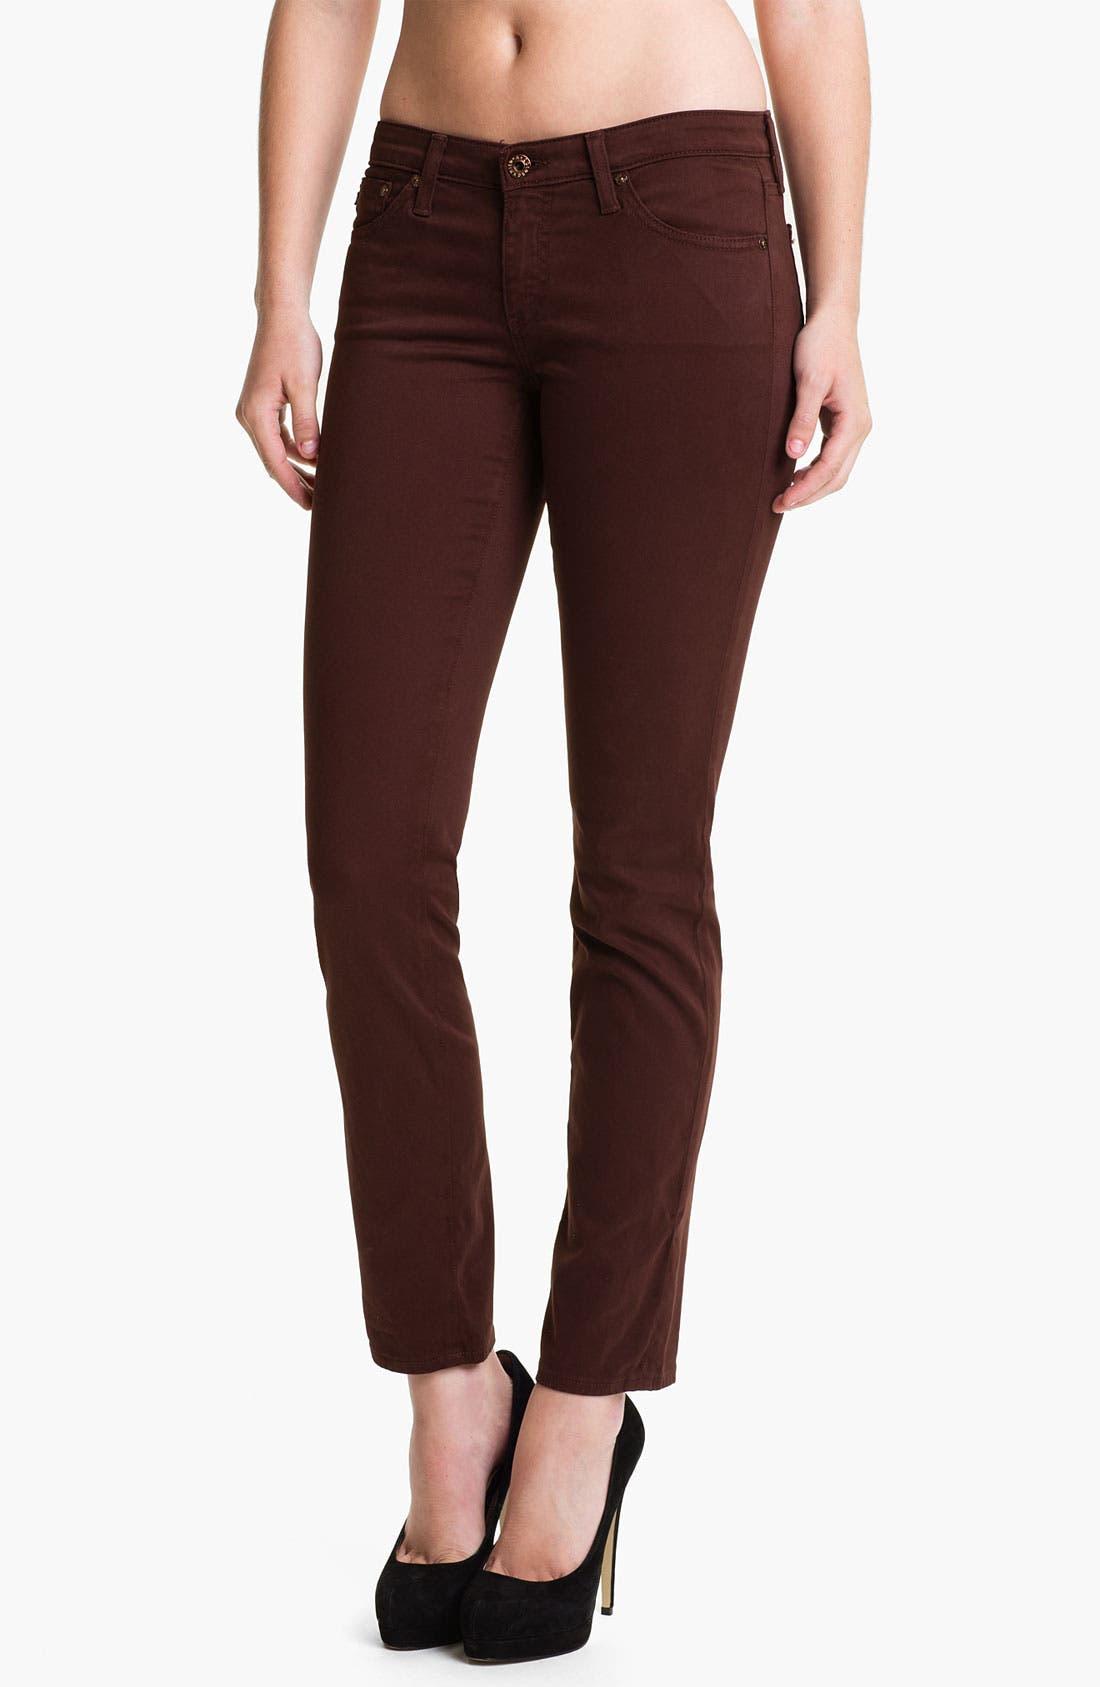 Alternate Image 1 Selected - AG 'Stilt' Skinny Ankle Jeans (Raisin)